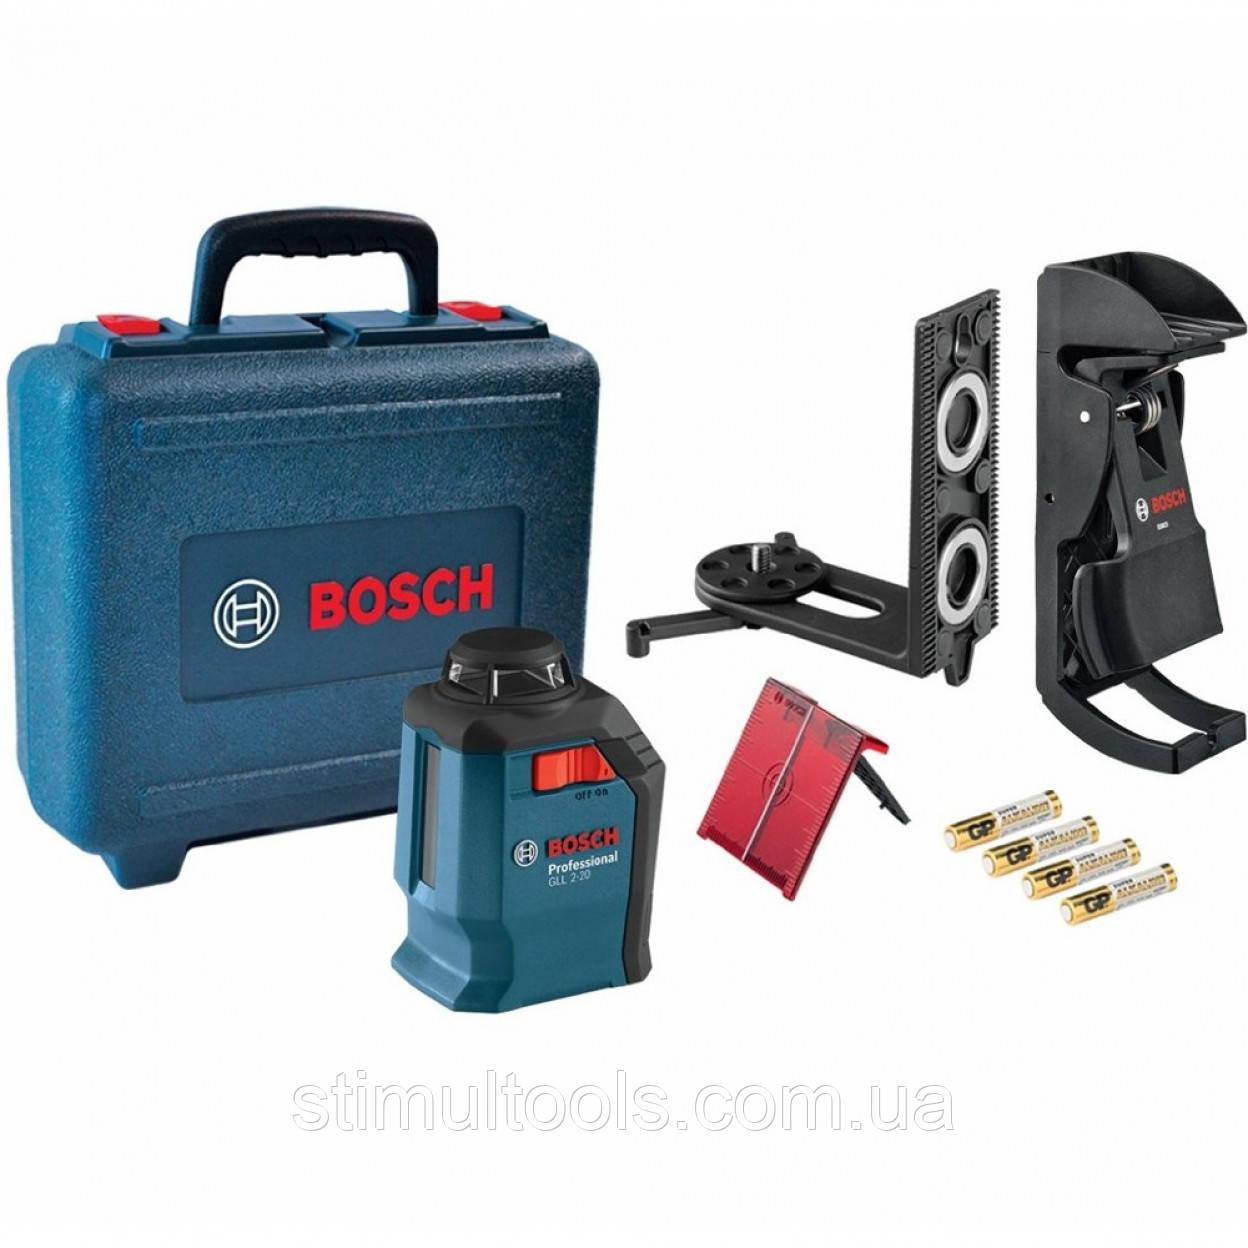 Нивелир лазерный Bosch GLL 2-20 + BM 3 + кейс